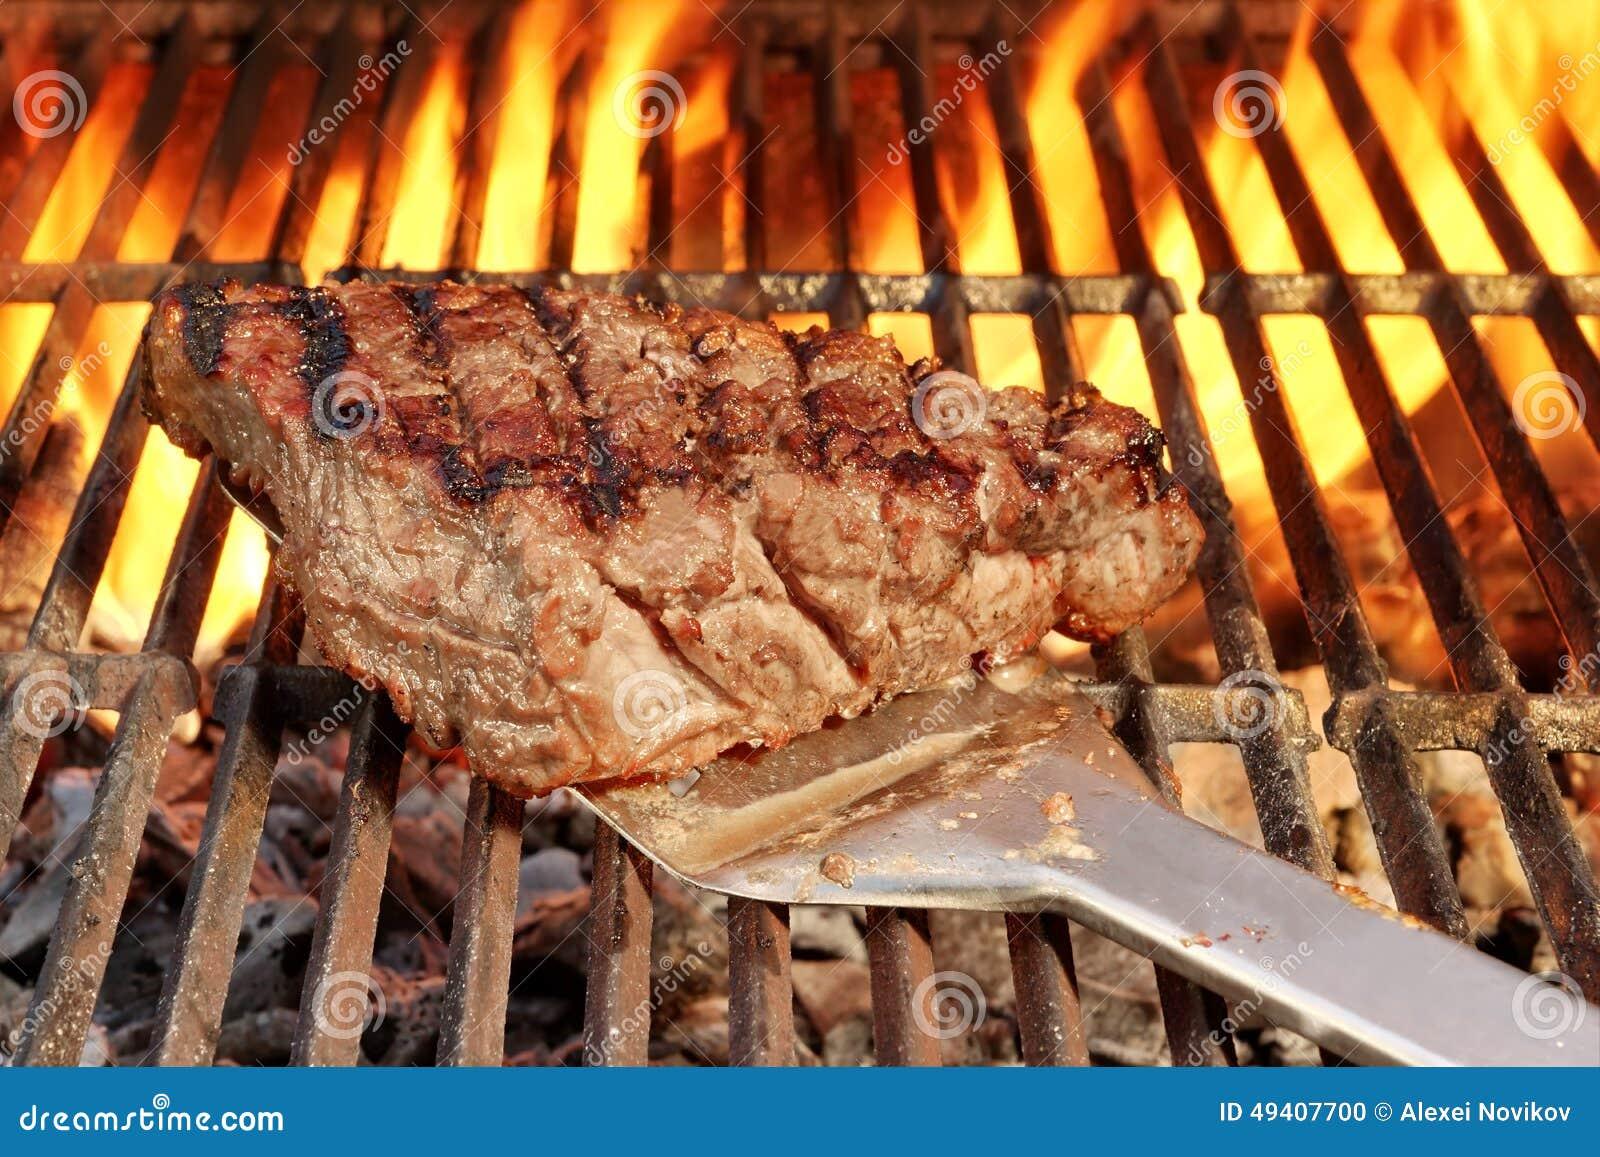 Download Gebratenes Beefsteak Auf Der Spachtel über Einem Heißen BBQ-Grill Stockfoto - Bild von verwelkt, grill: 49407700